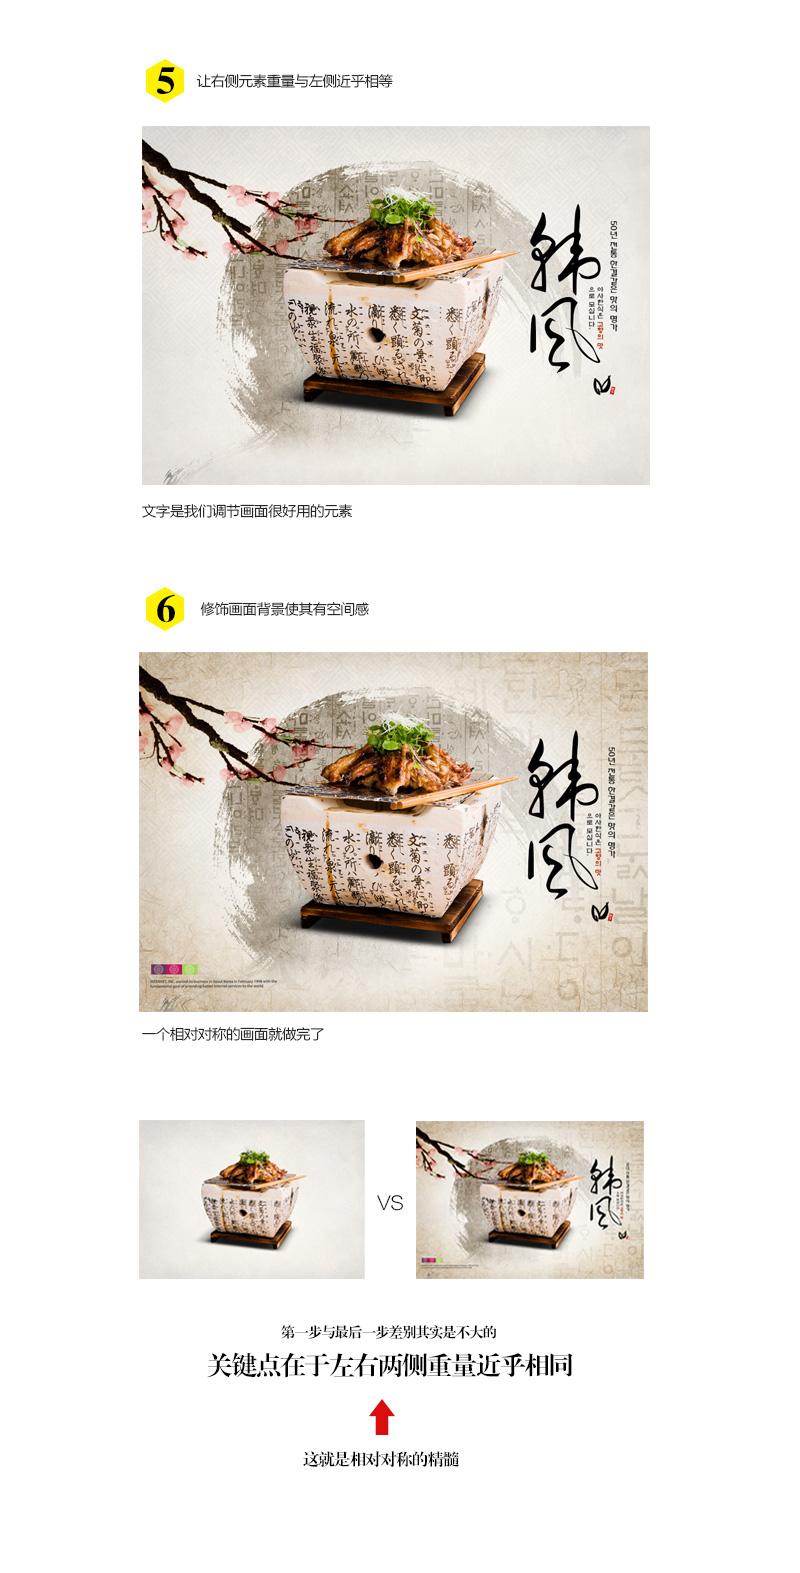 版式设计的相对对称06-莫贝网www.mobileui.cn